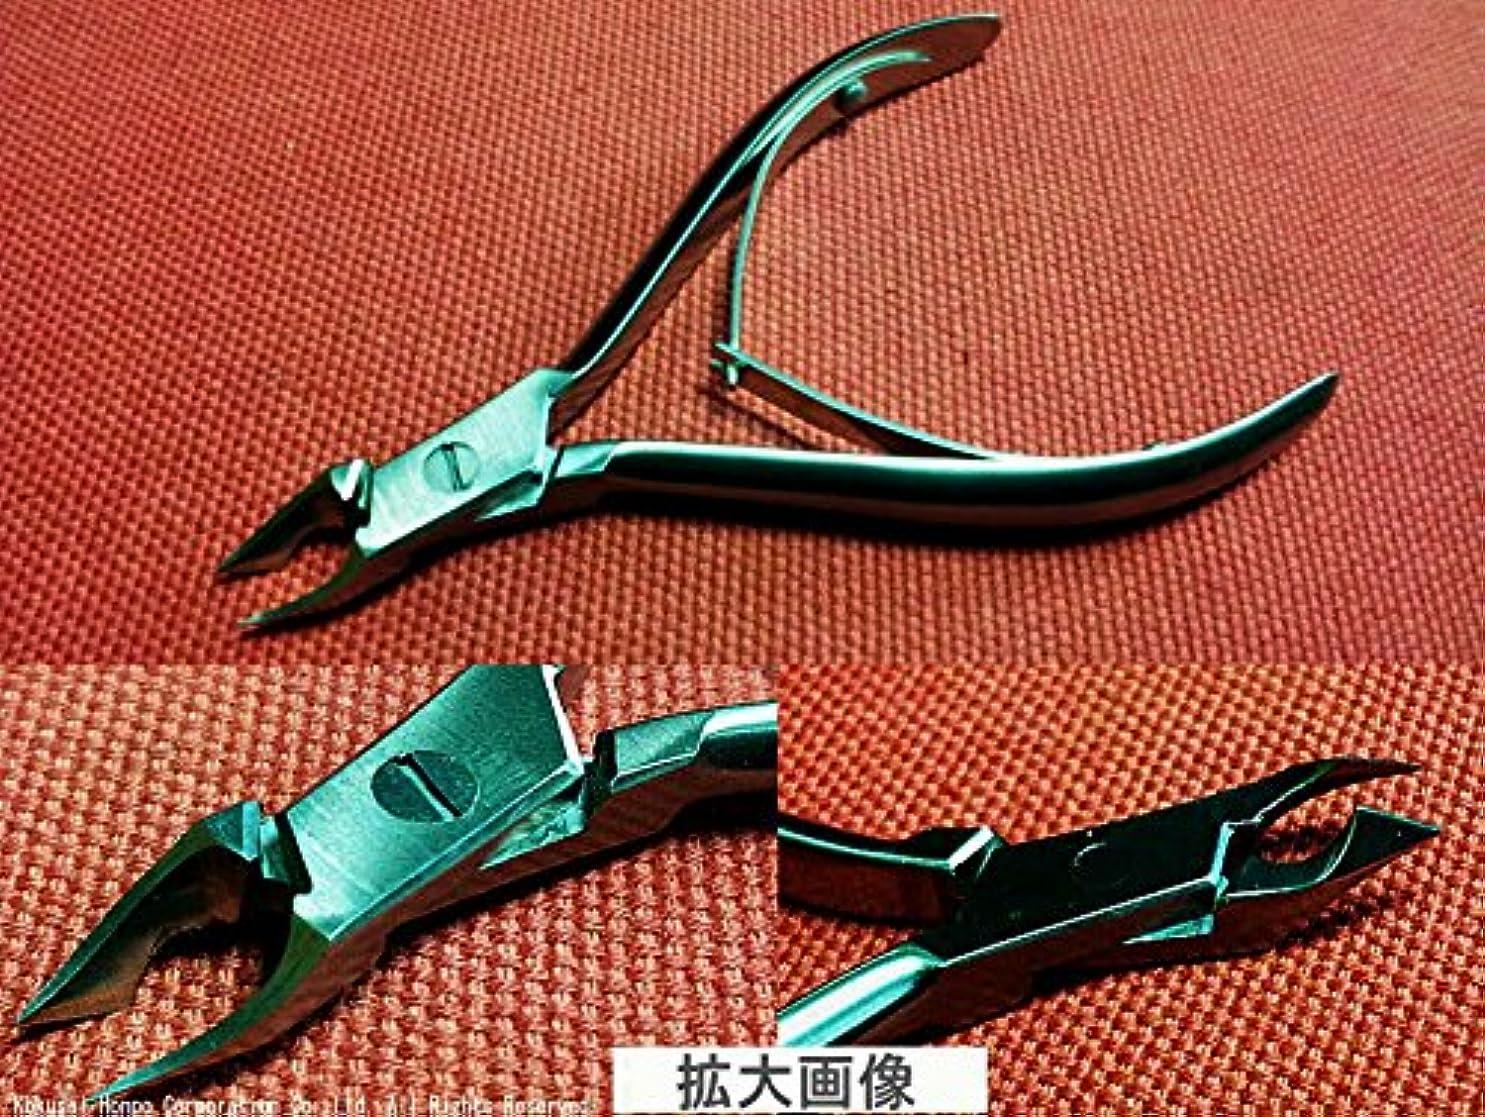 翻訳するトピック徴収#15キューティクルニッパー(甘皮用)*爪の生え際あま皮カットに◆医療器具にも使用されるステンレス製